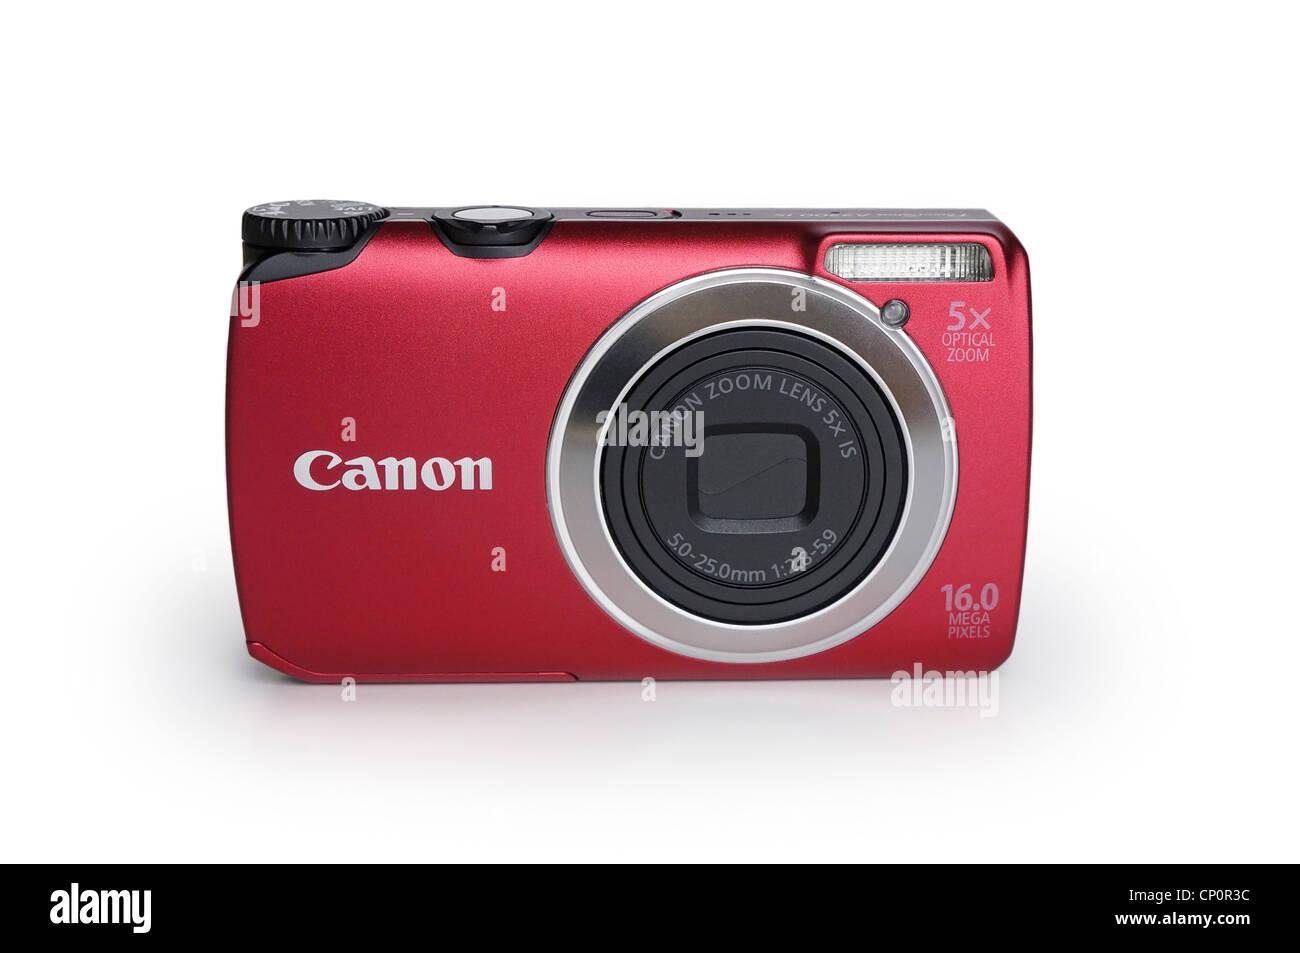 Fotocamera digitale, Punto e sparare Compact Immagini Stock